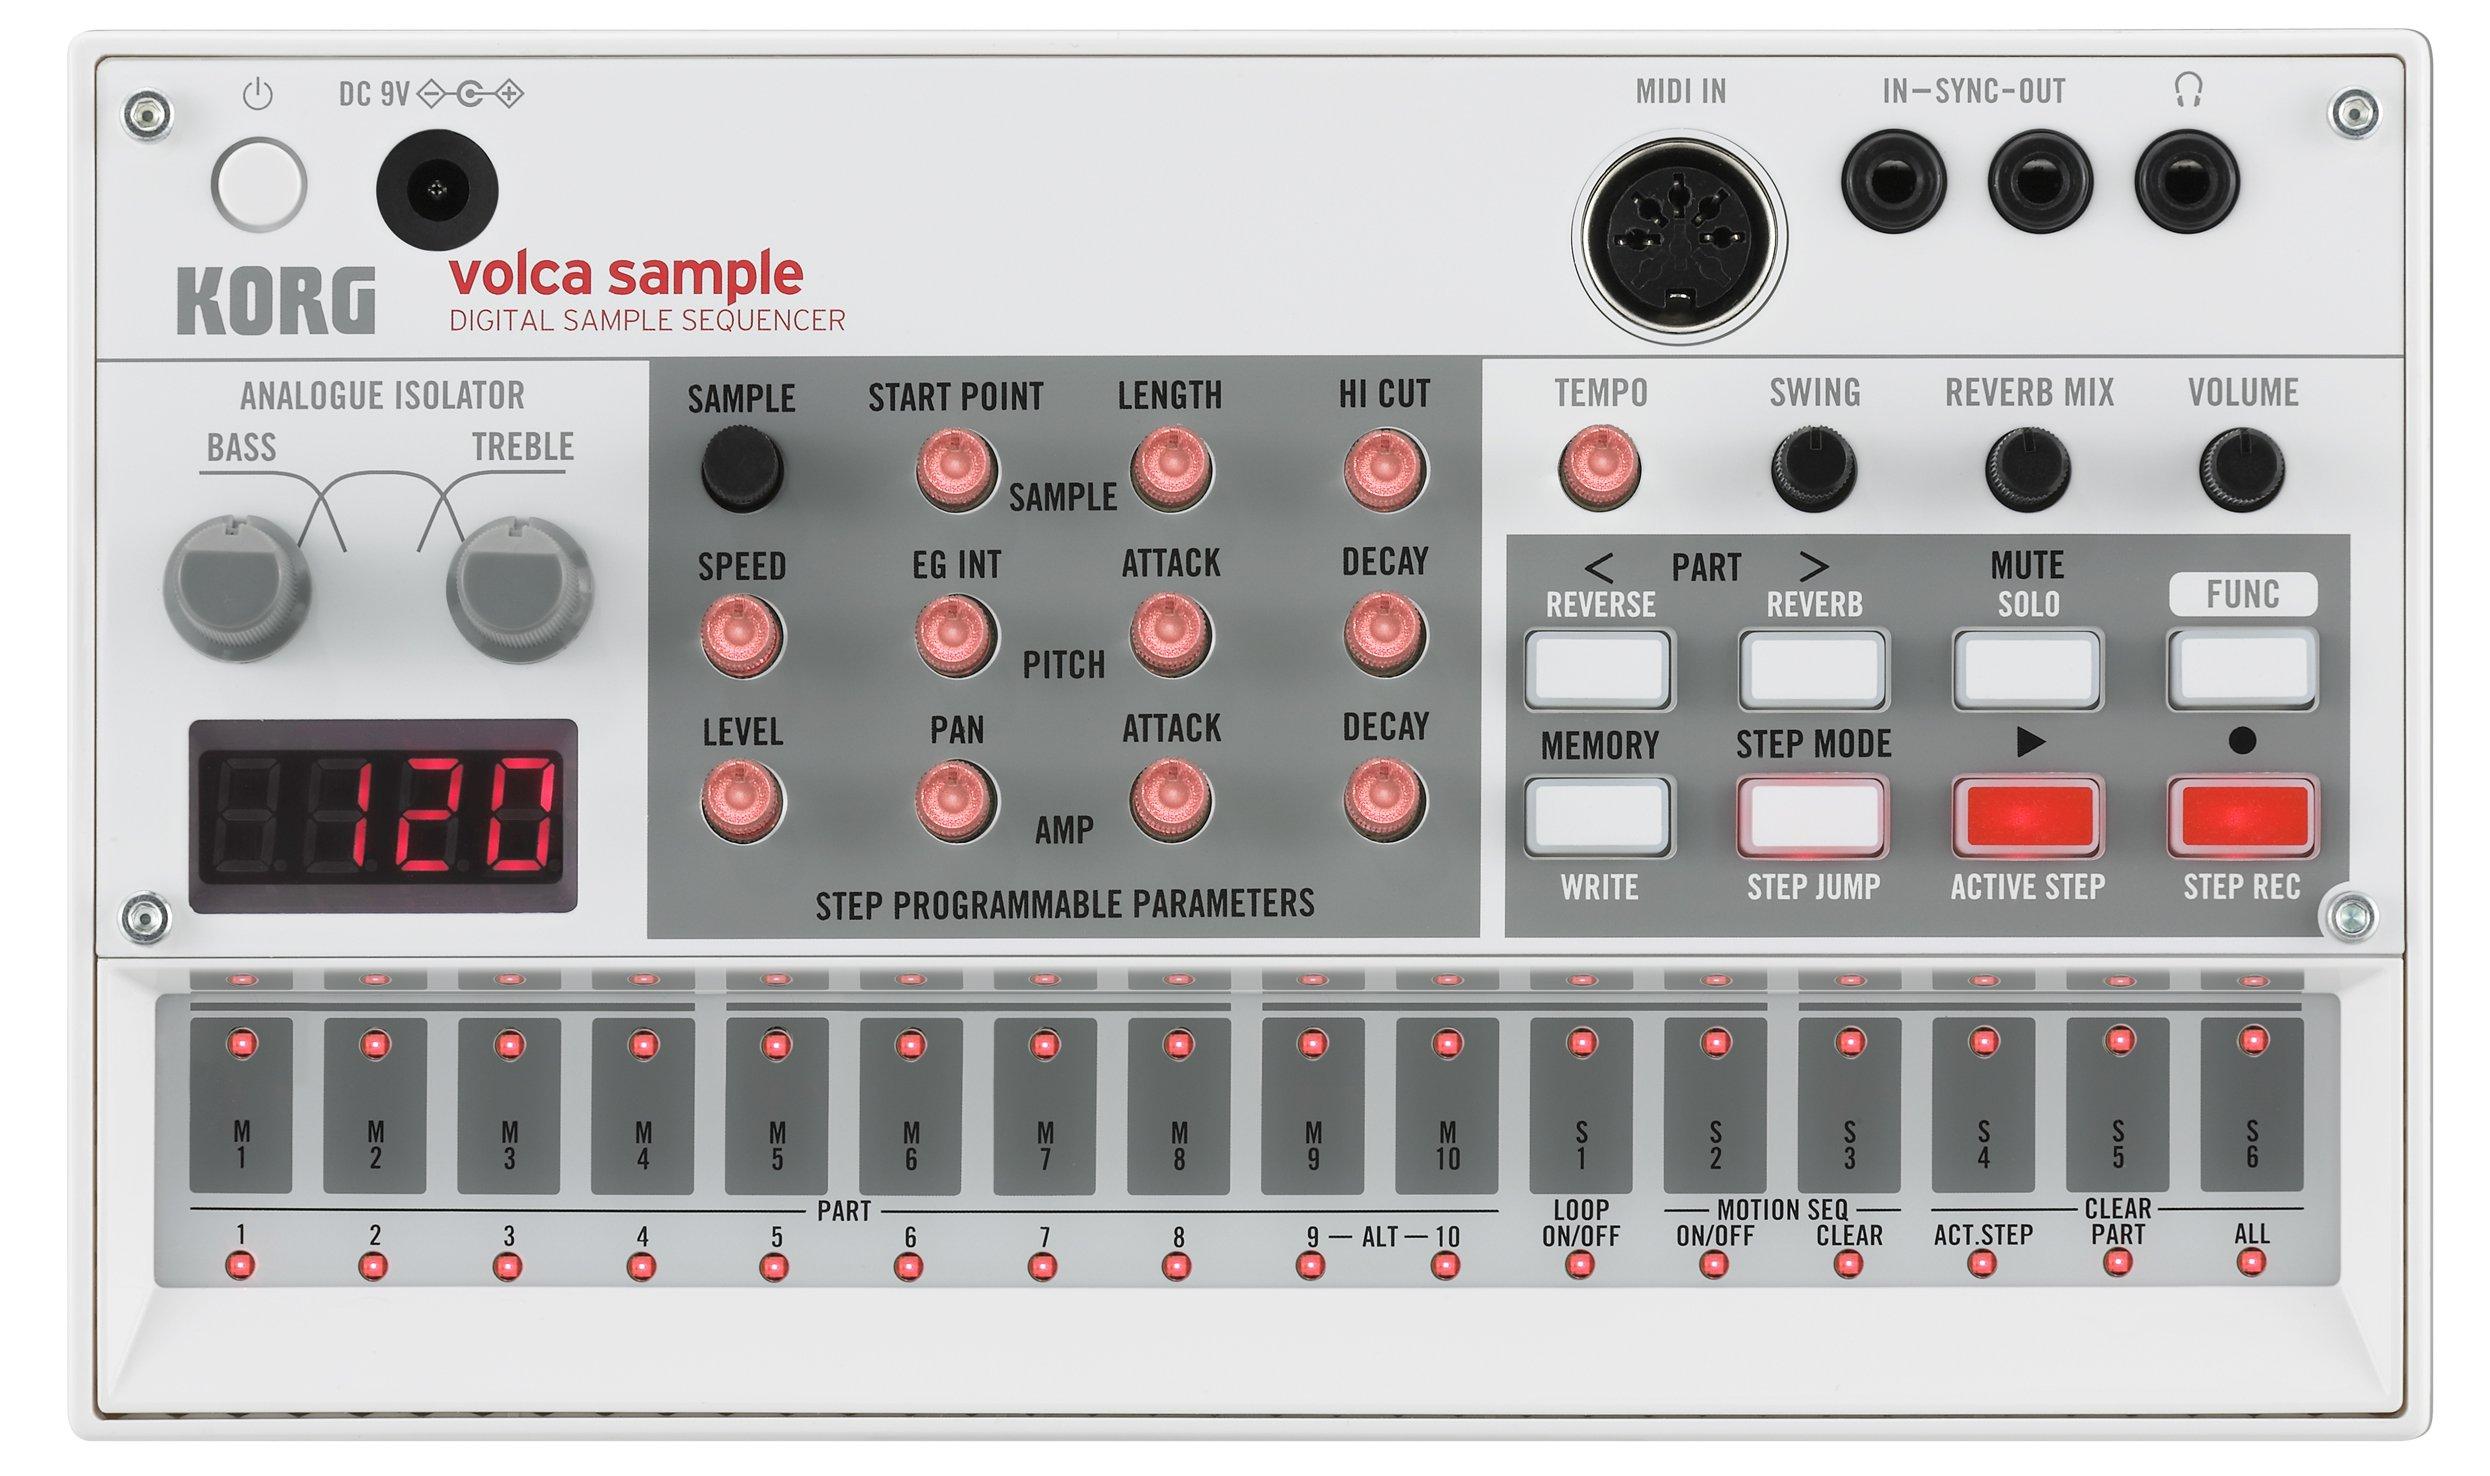 Korg VOLCASAMPLE Playback Rhythm Machine